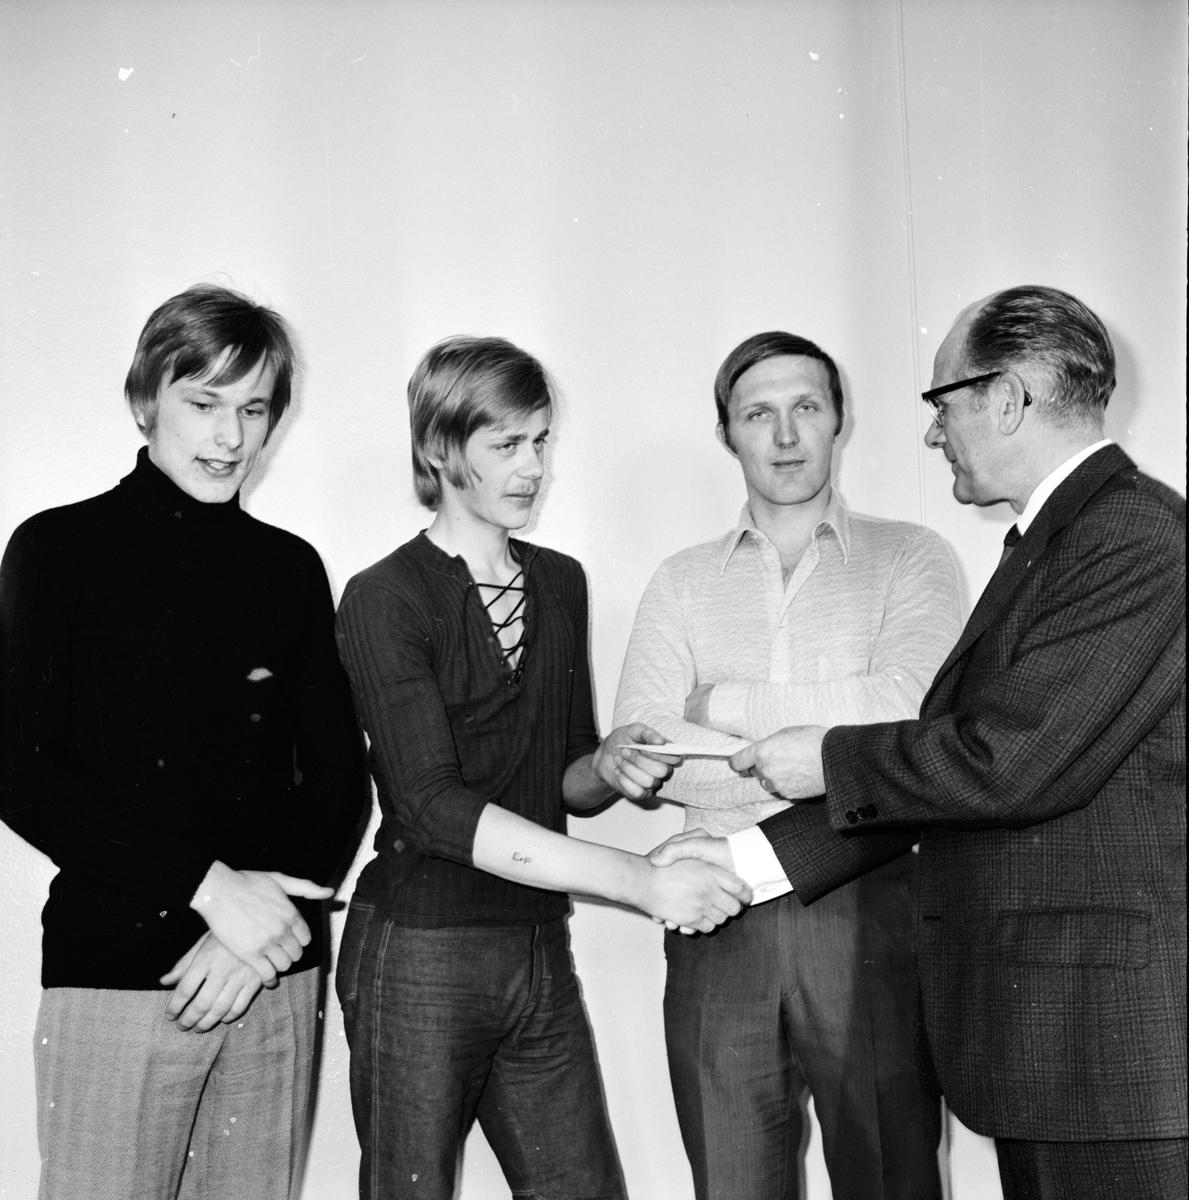 Nytorp, Avslutning,Julfest, Rektor Andersson avtackas, December 1971